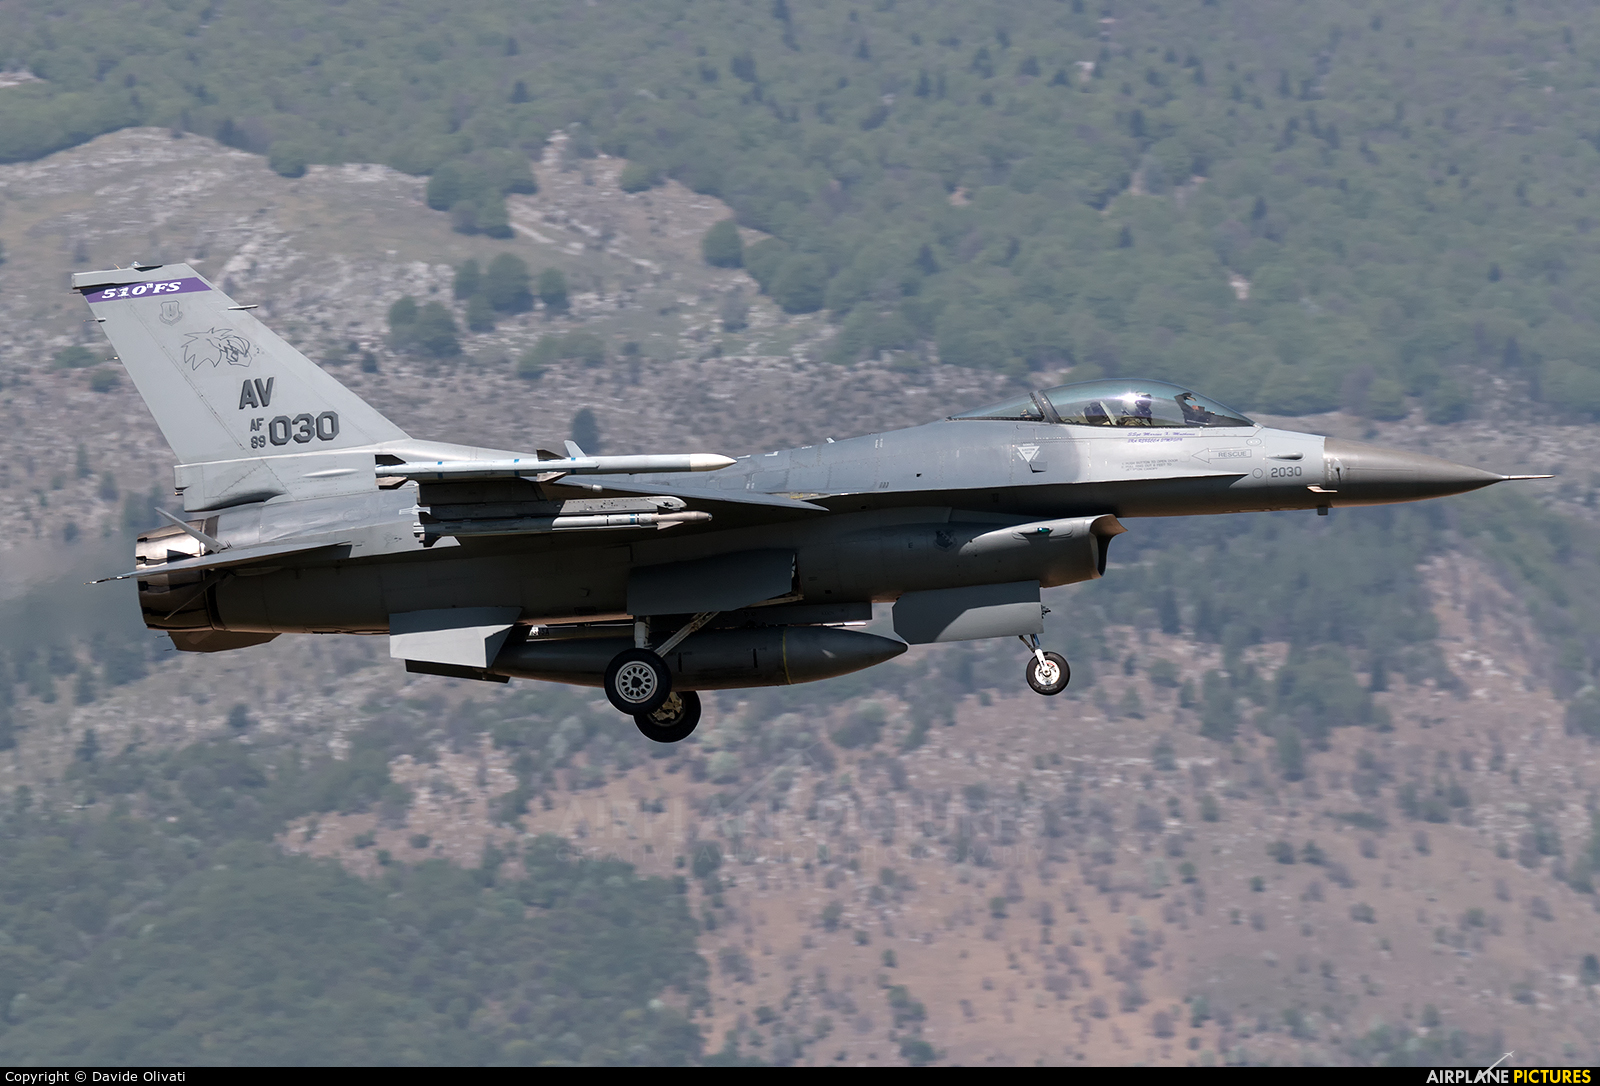 USA - Air Force 89-2030 aircraft at Aviano